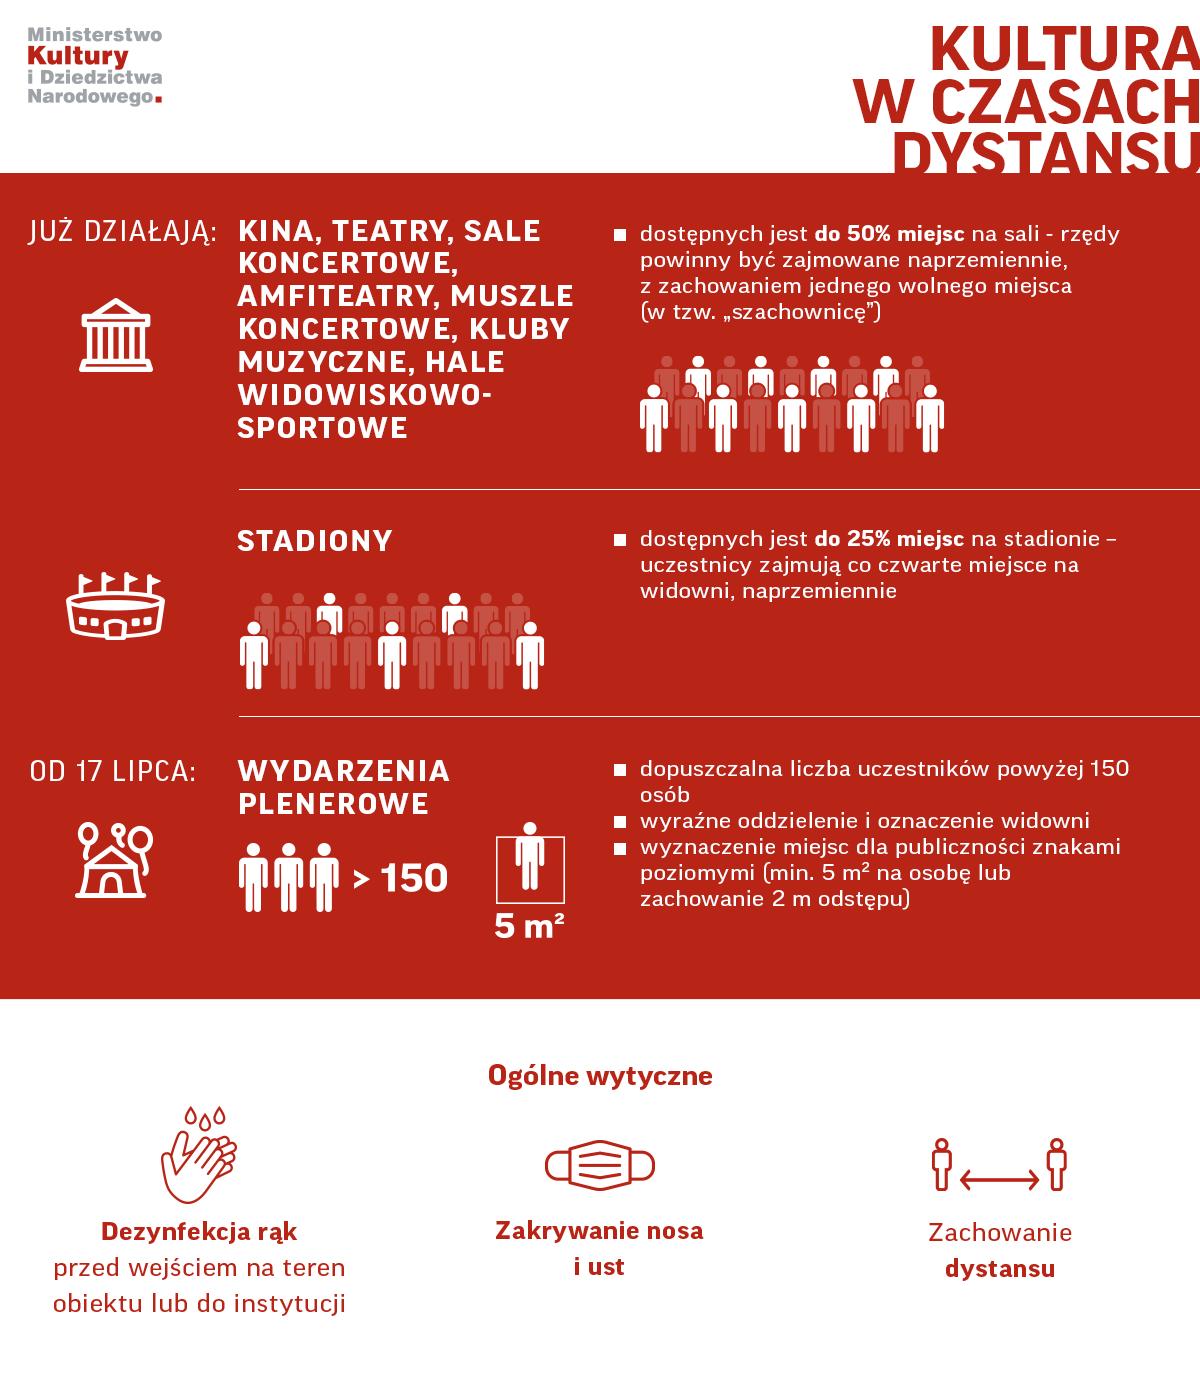 limit osób wydarzenia plenerowe lipiec 2020